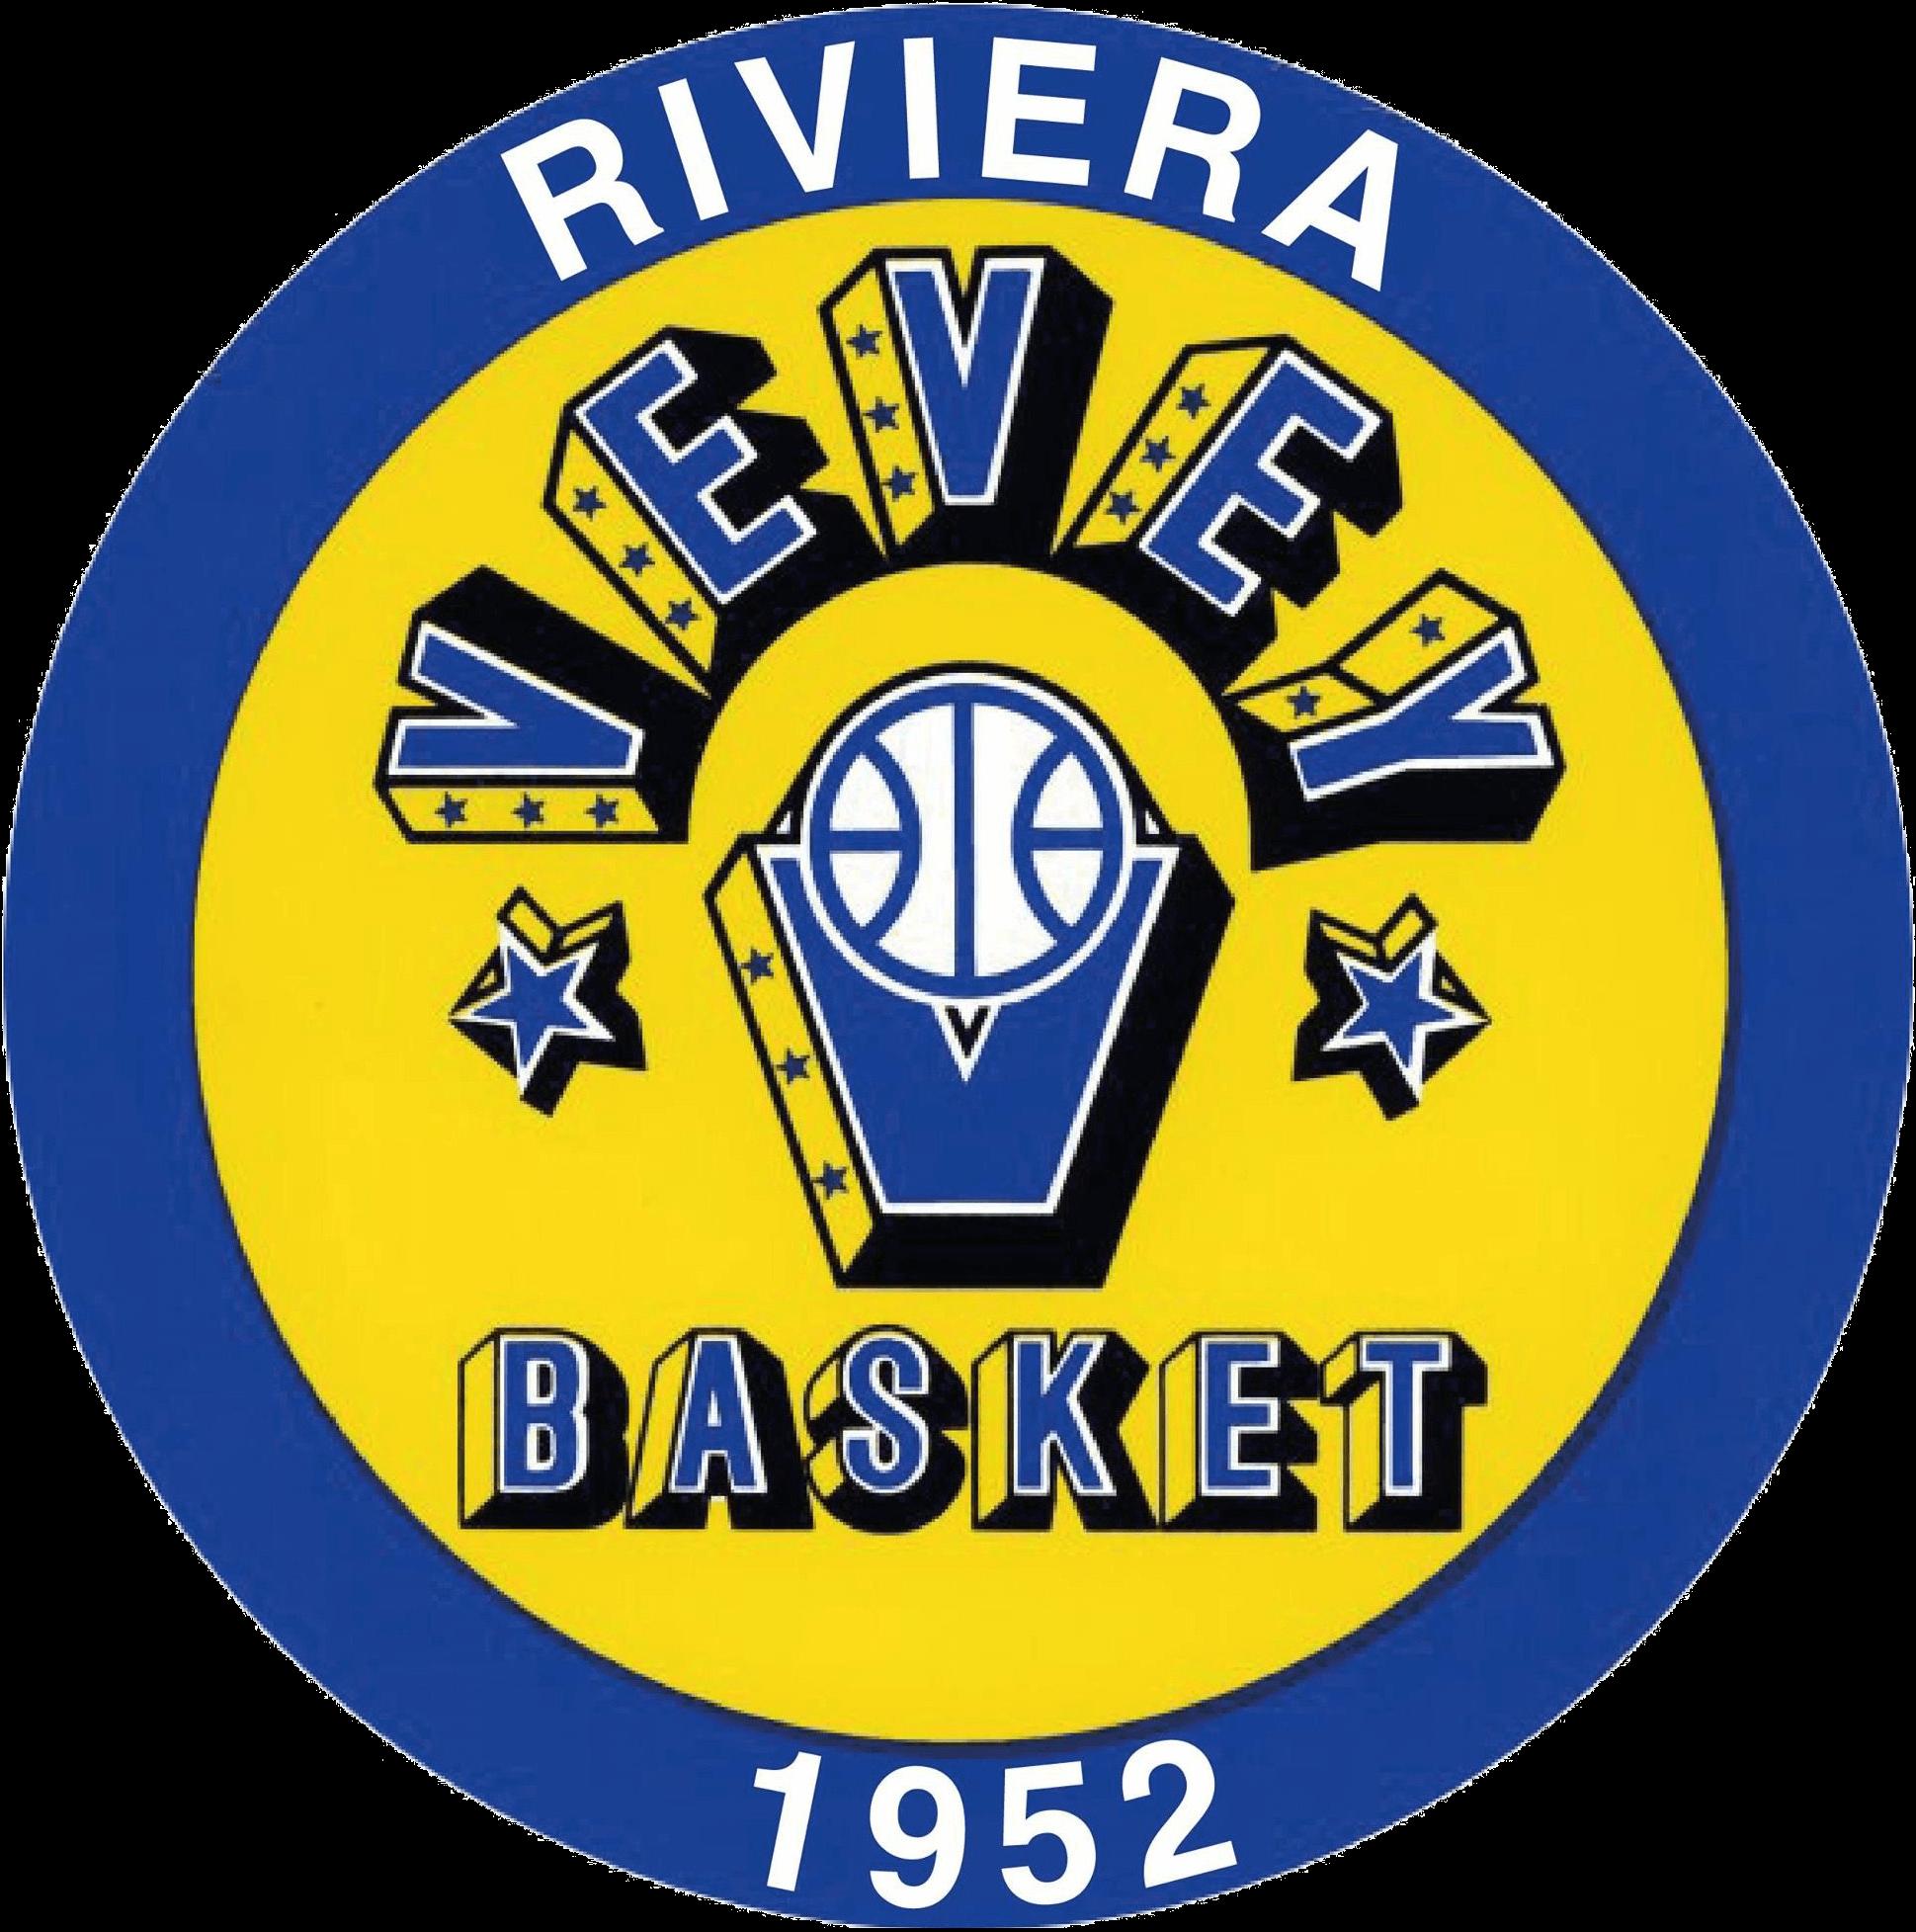 vevey riviera basket logo